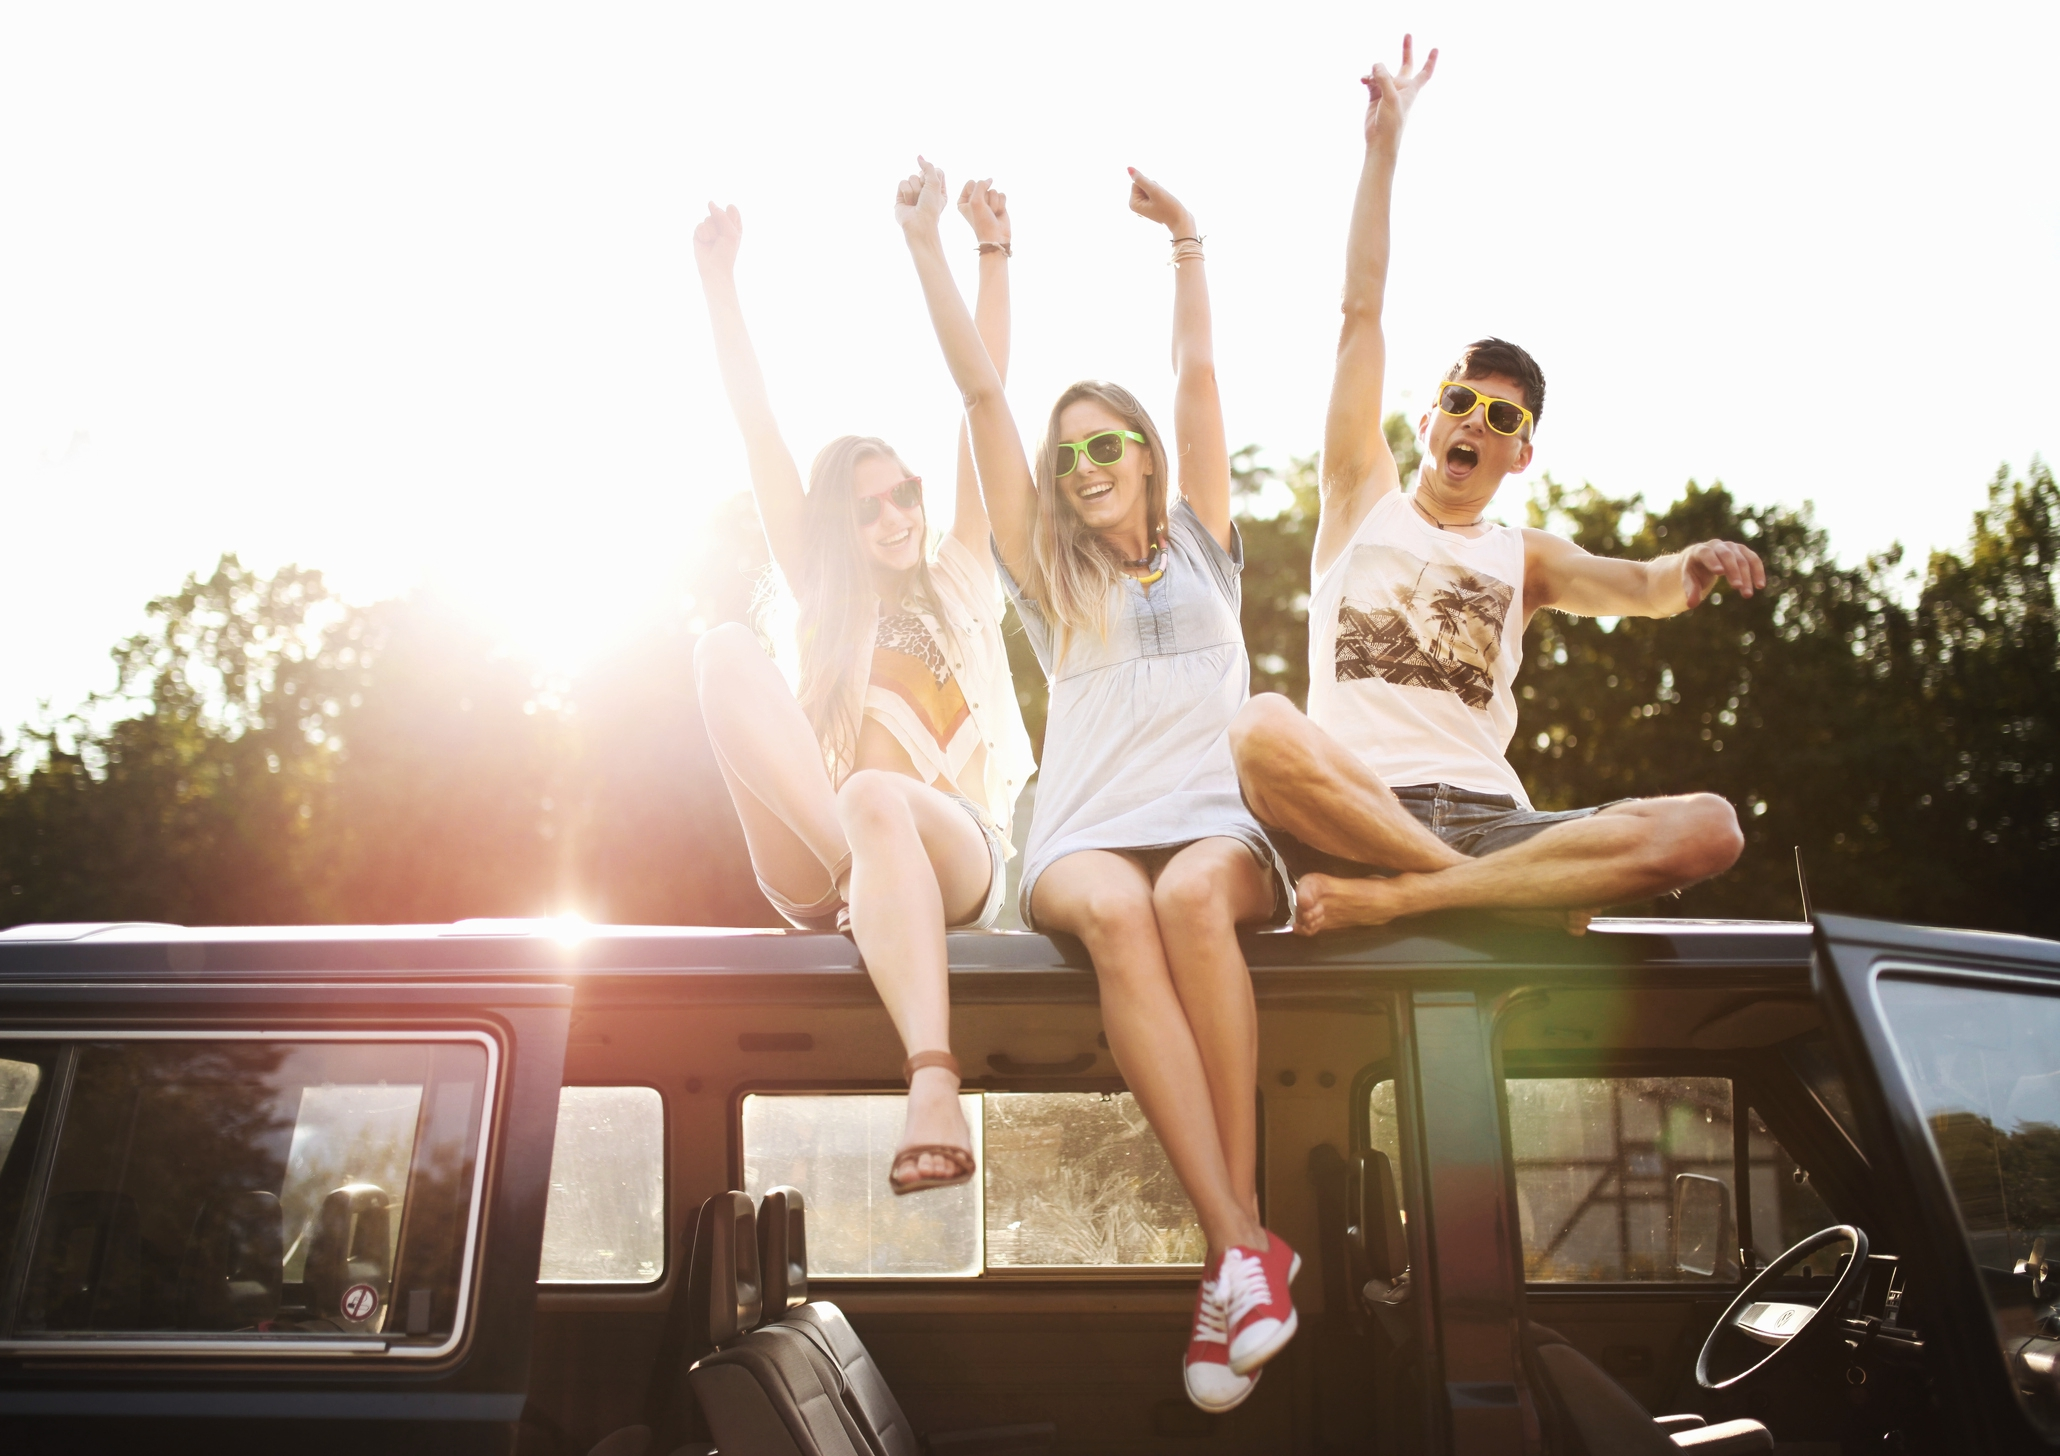 Drei Jugendliche mit Sonnenbrillen sitzen auf einem kleinen Bus und reißen jubelnd die Arme nach oben.